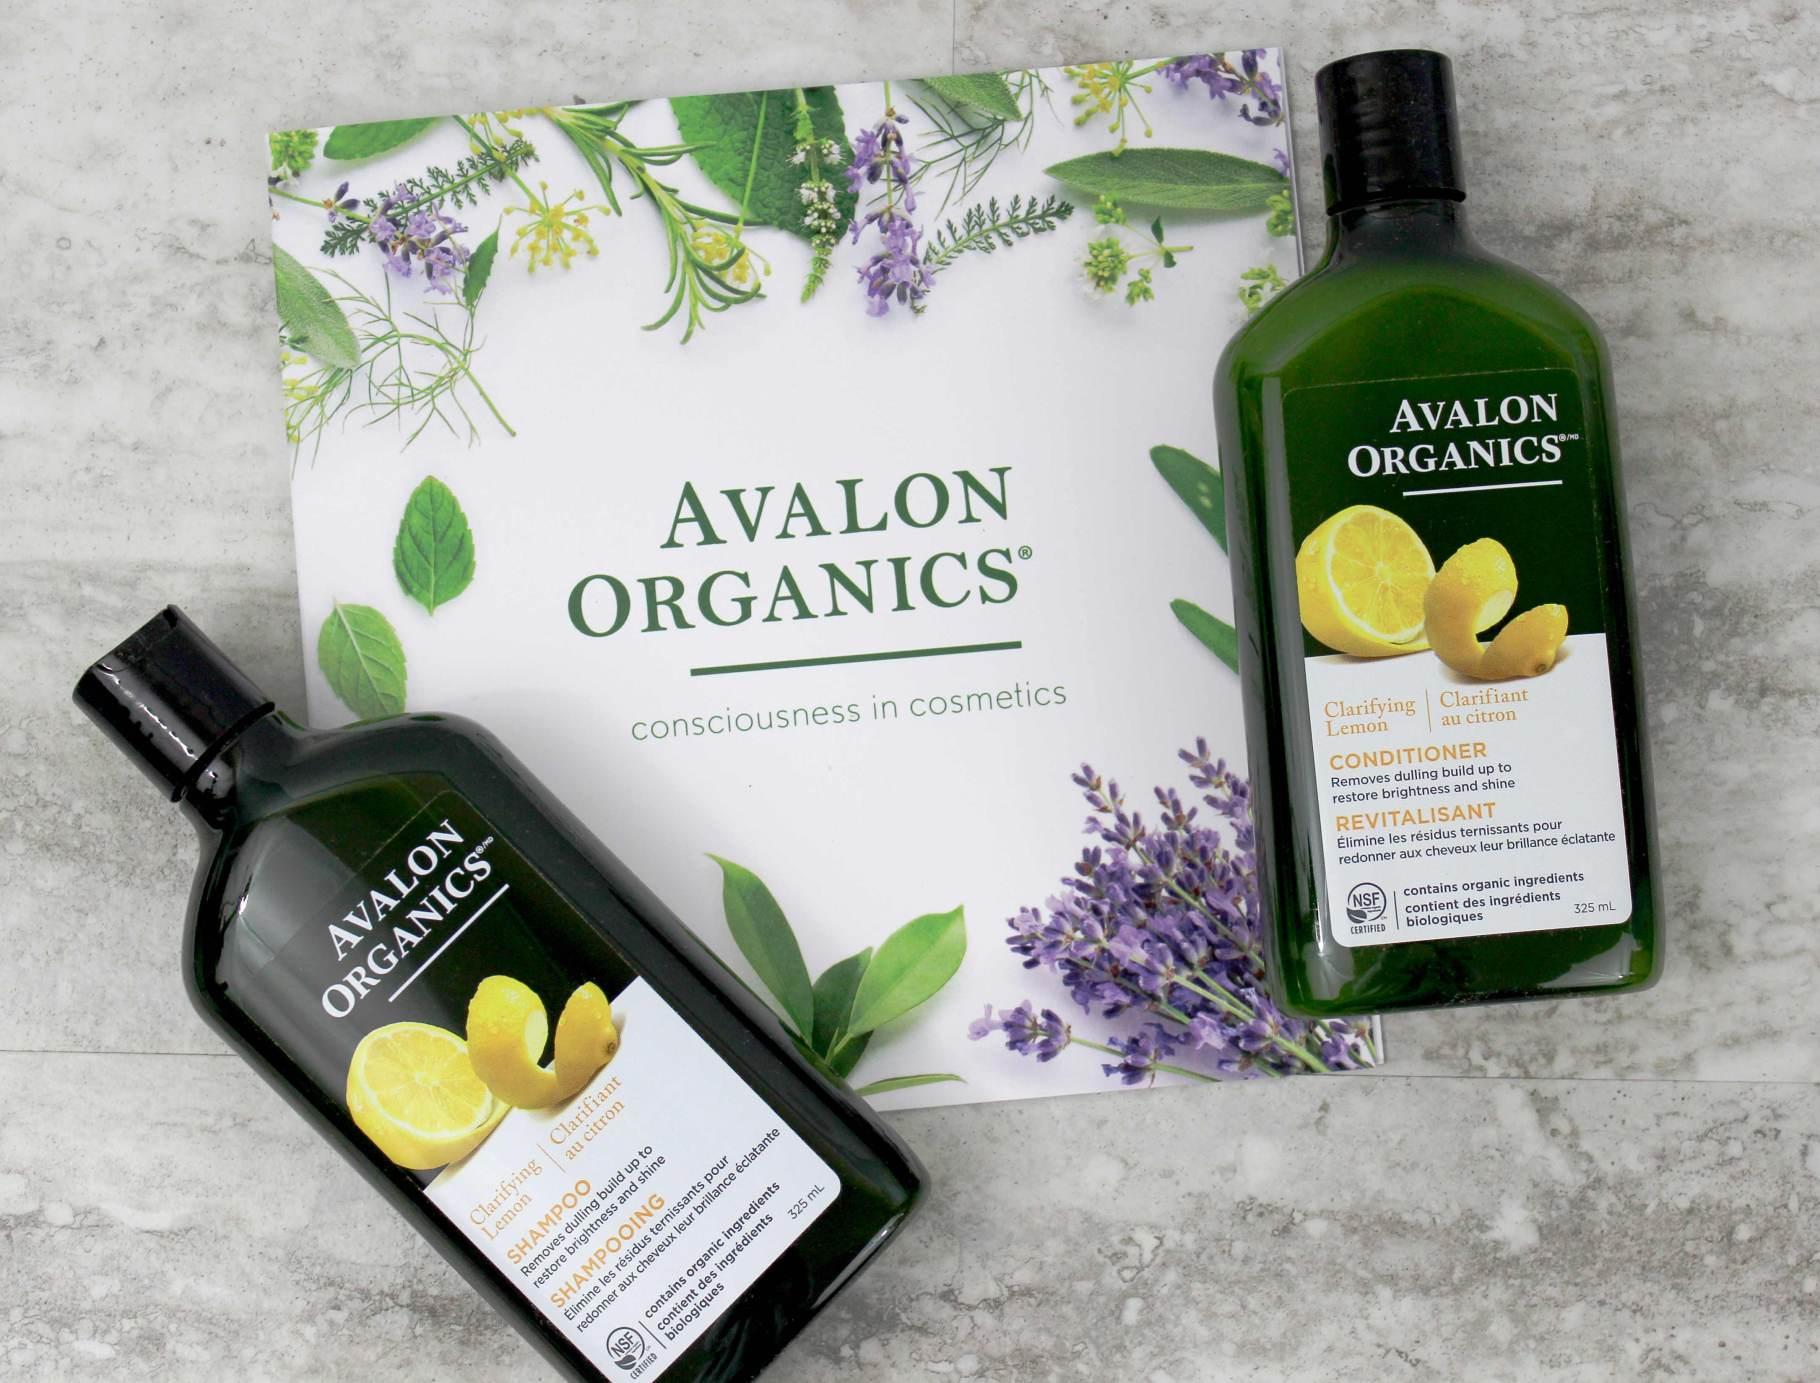 Avalon Organics Shampoo + Conditioner | Review